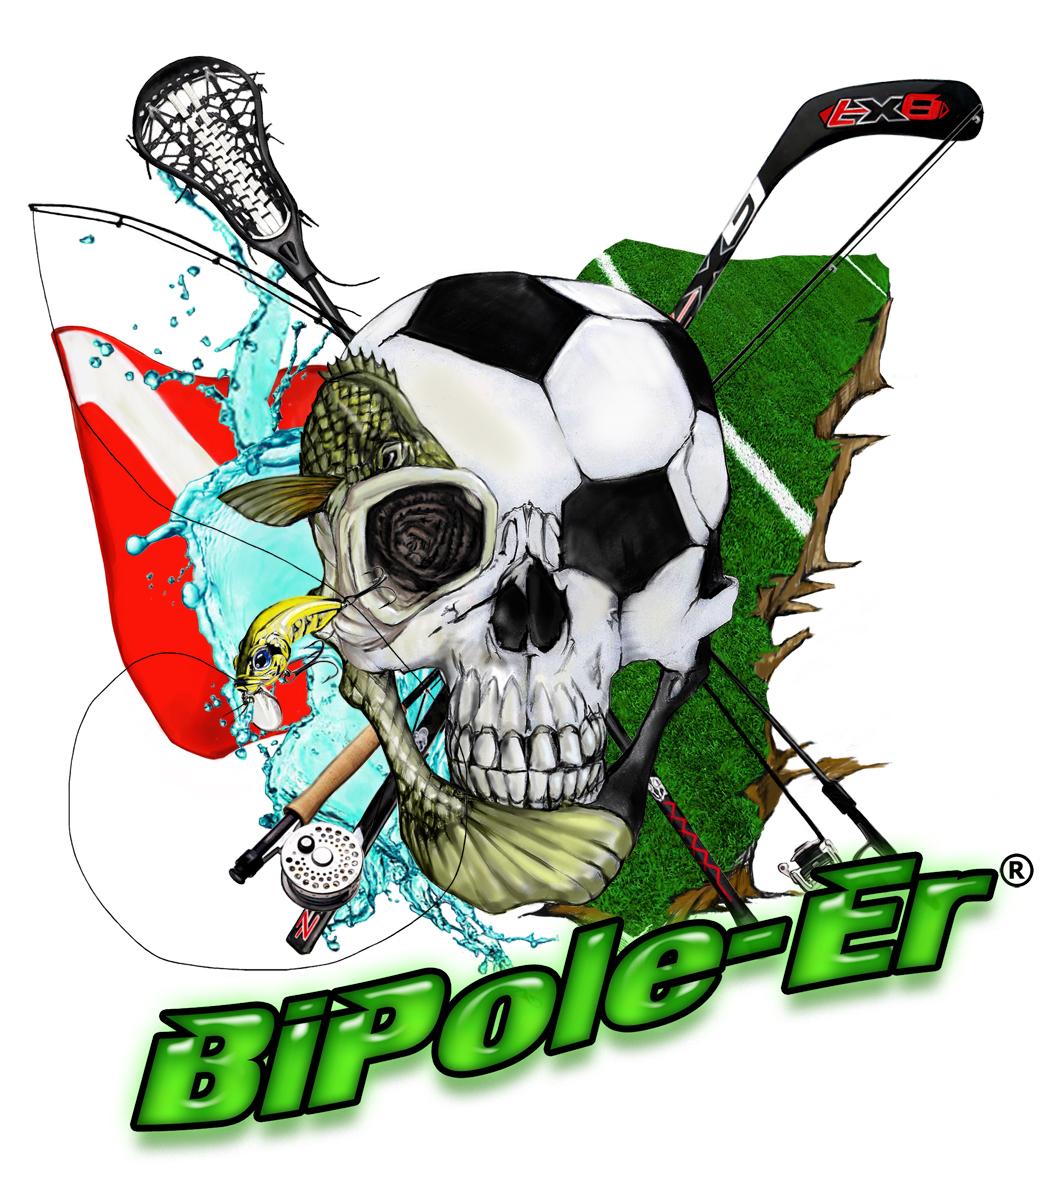 BiPole-Er Logo Design (large view)